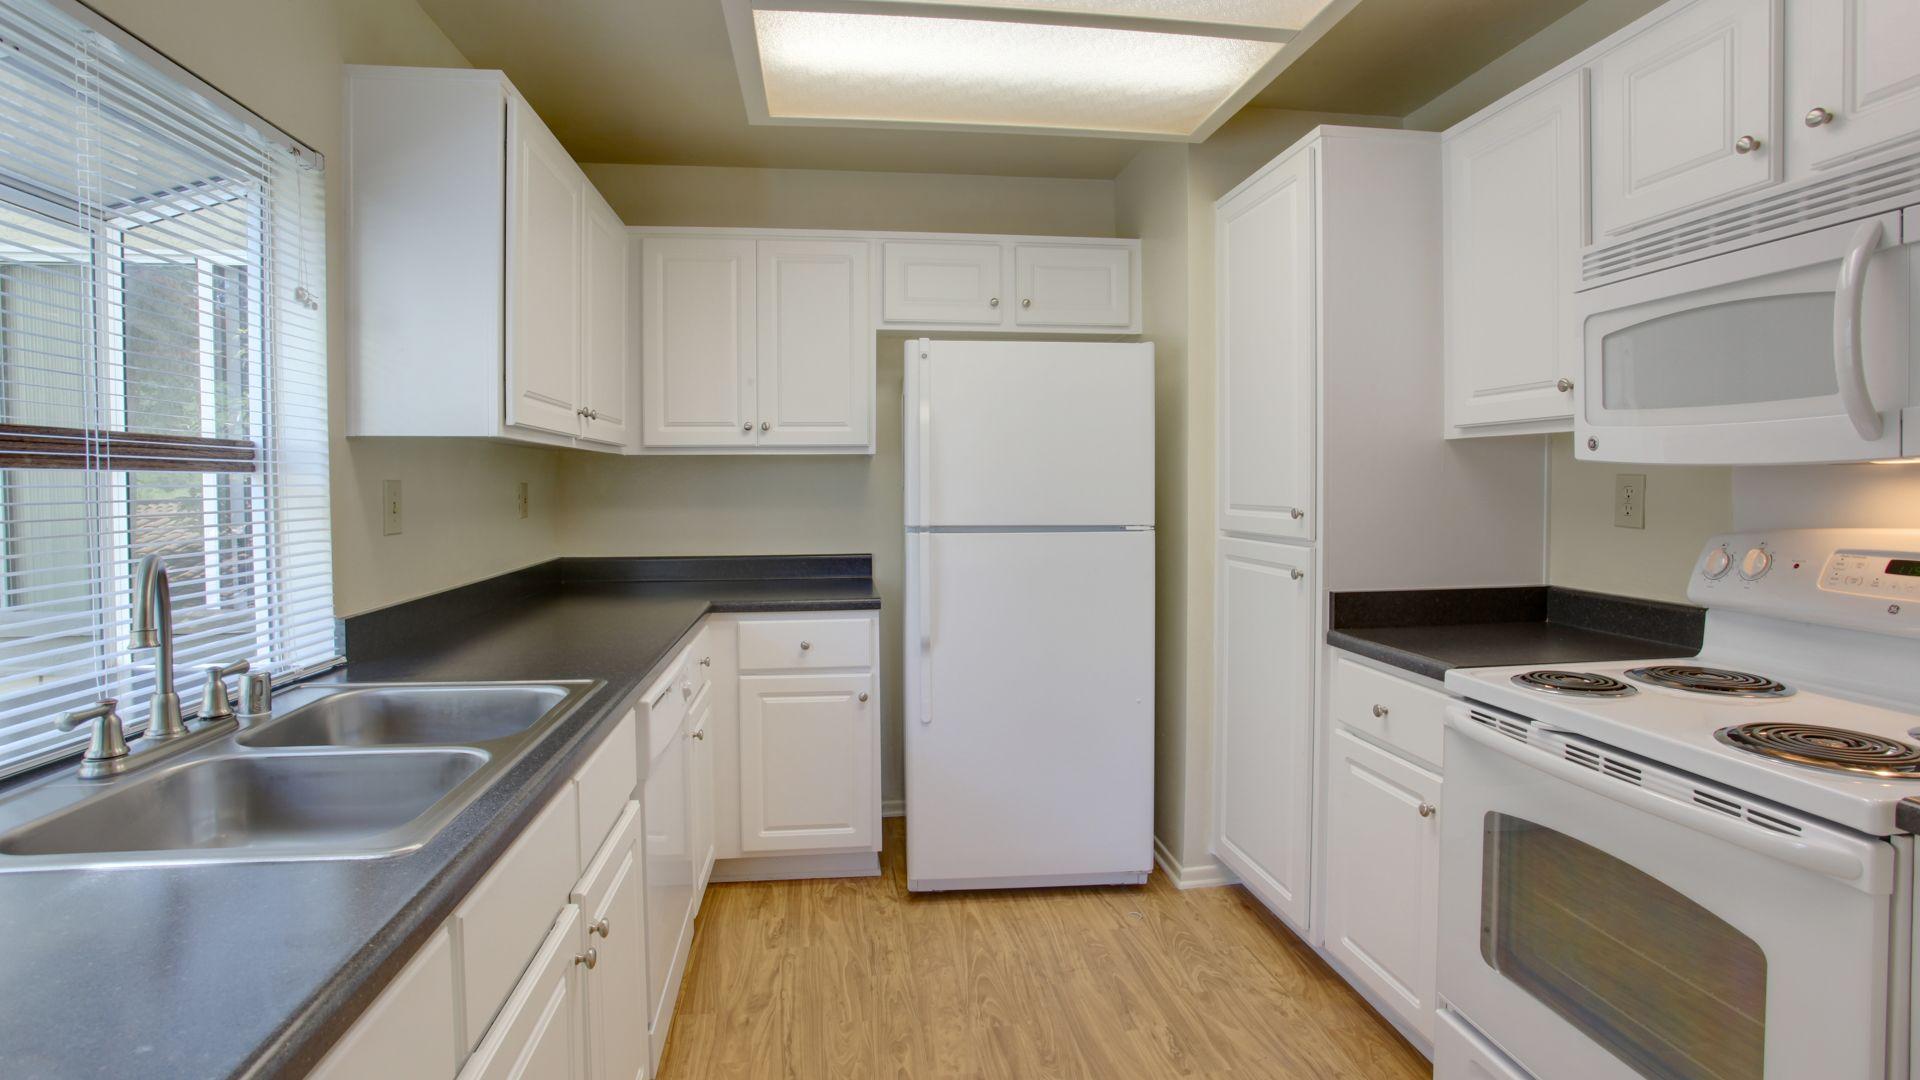 Windridge Apartments Kitchen